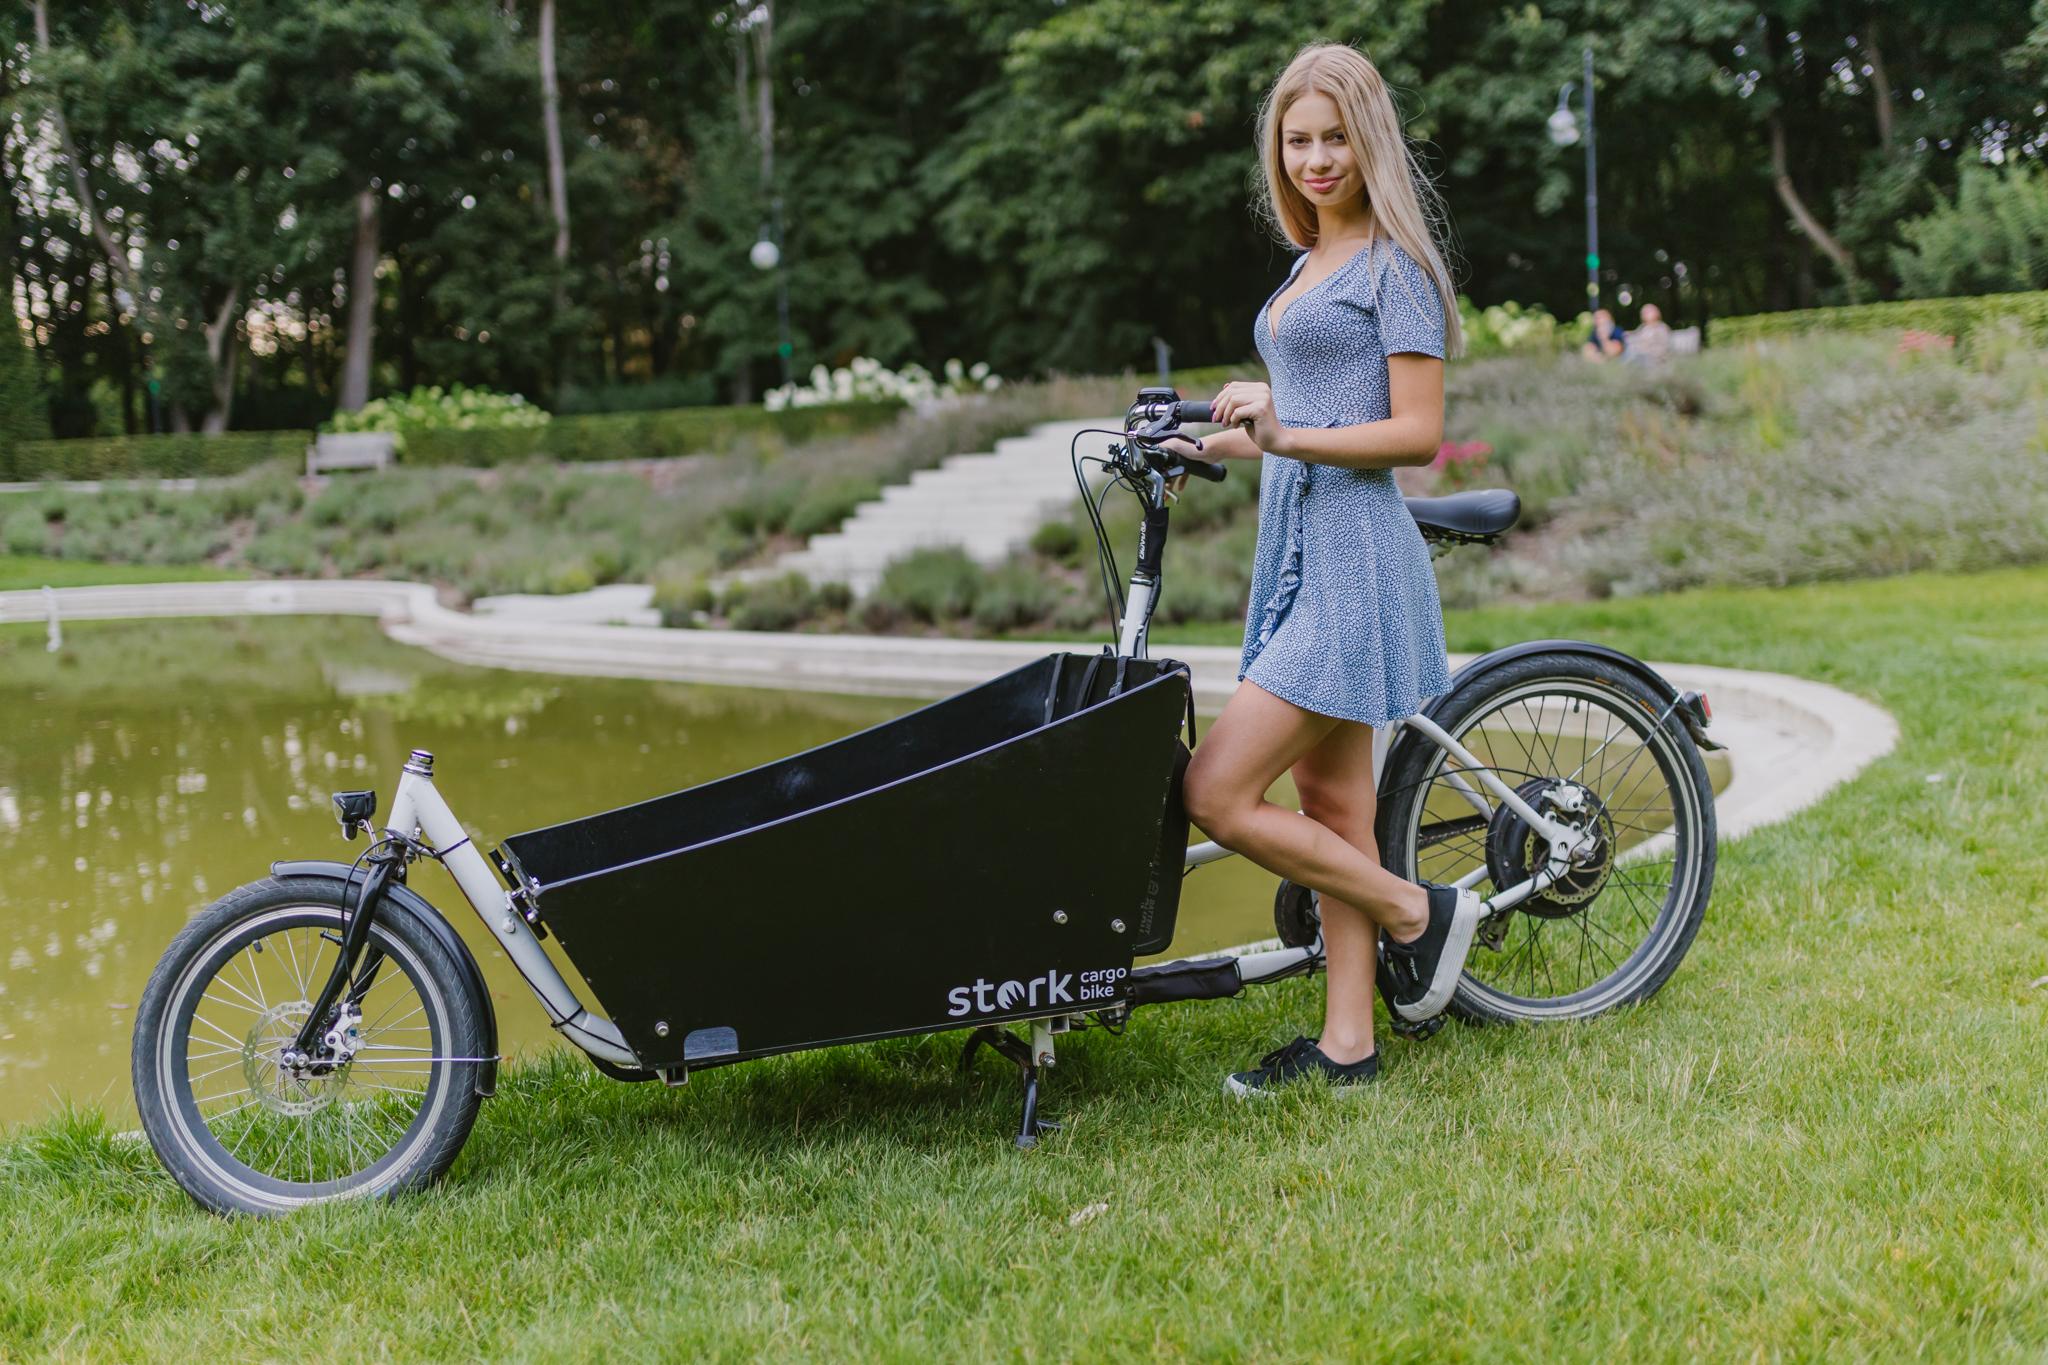 Rowery Cargo w mieście, rower miejski, jaki rower do miasta